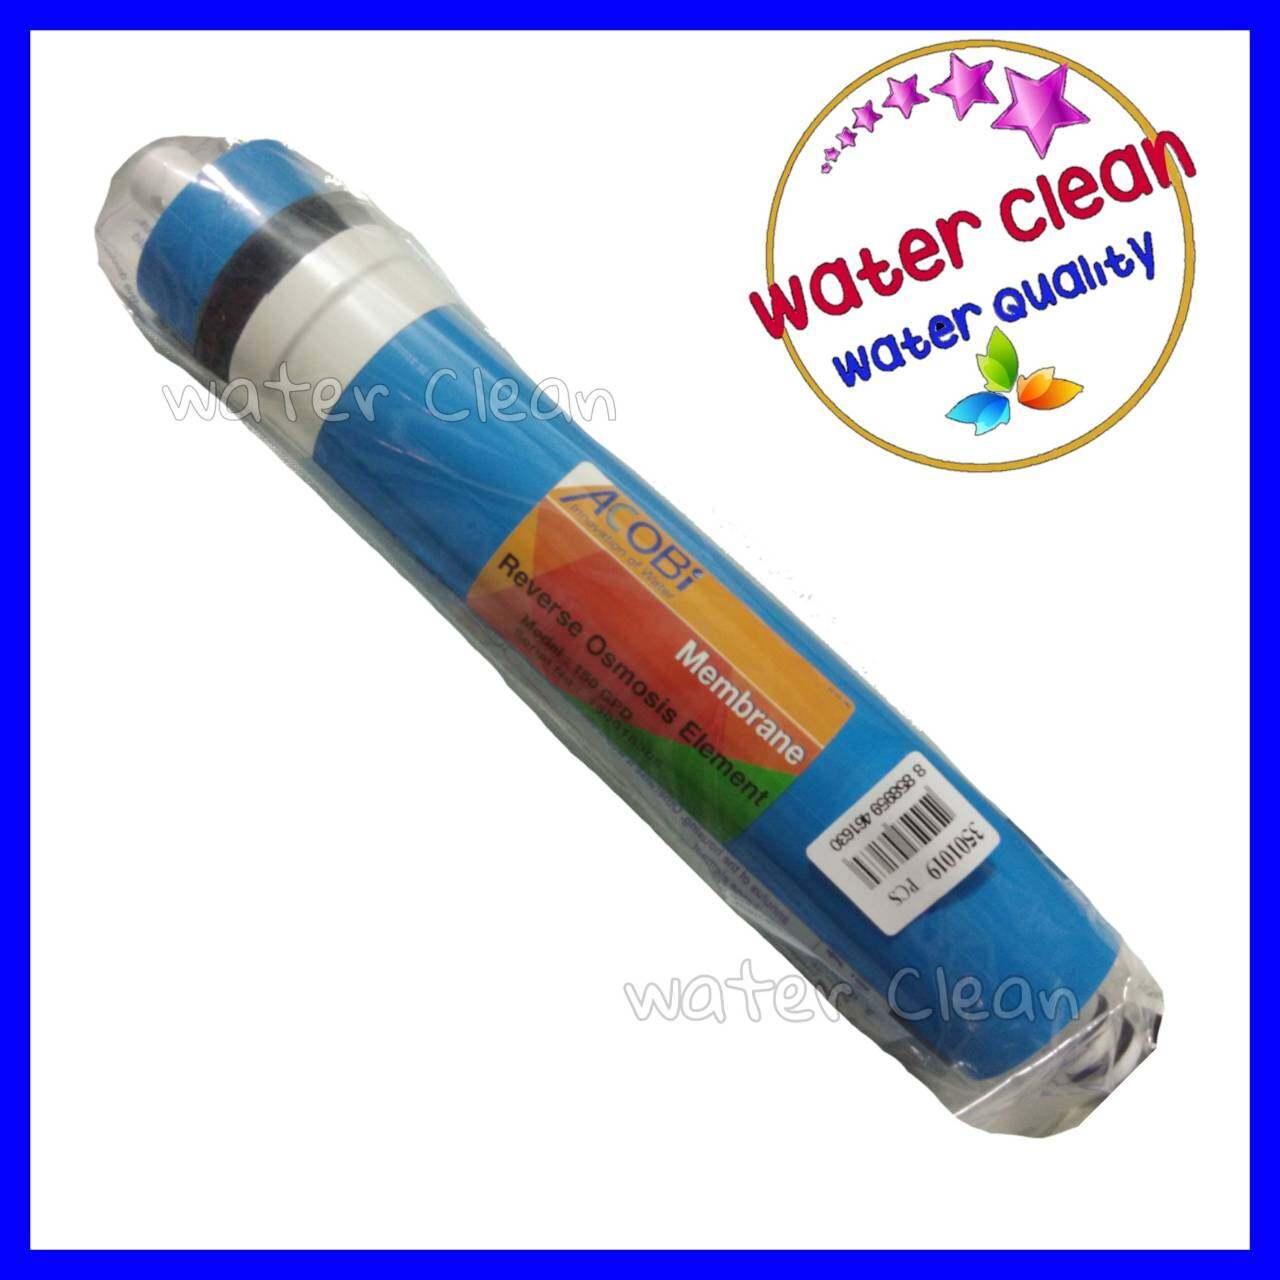 ไส้กรอง Membrane Ro 150 Gpd 0.0001 Micron ขนาดมาตรฐาน.